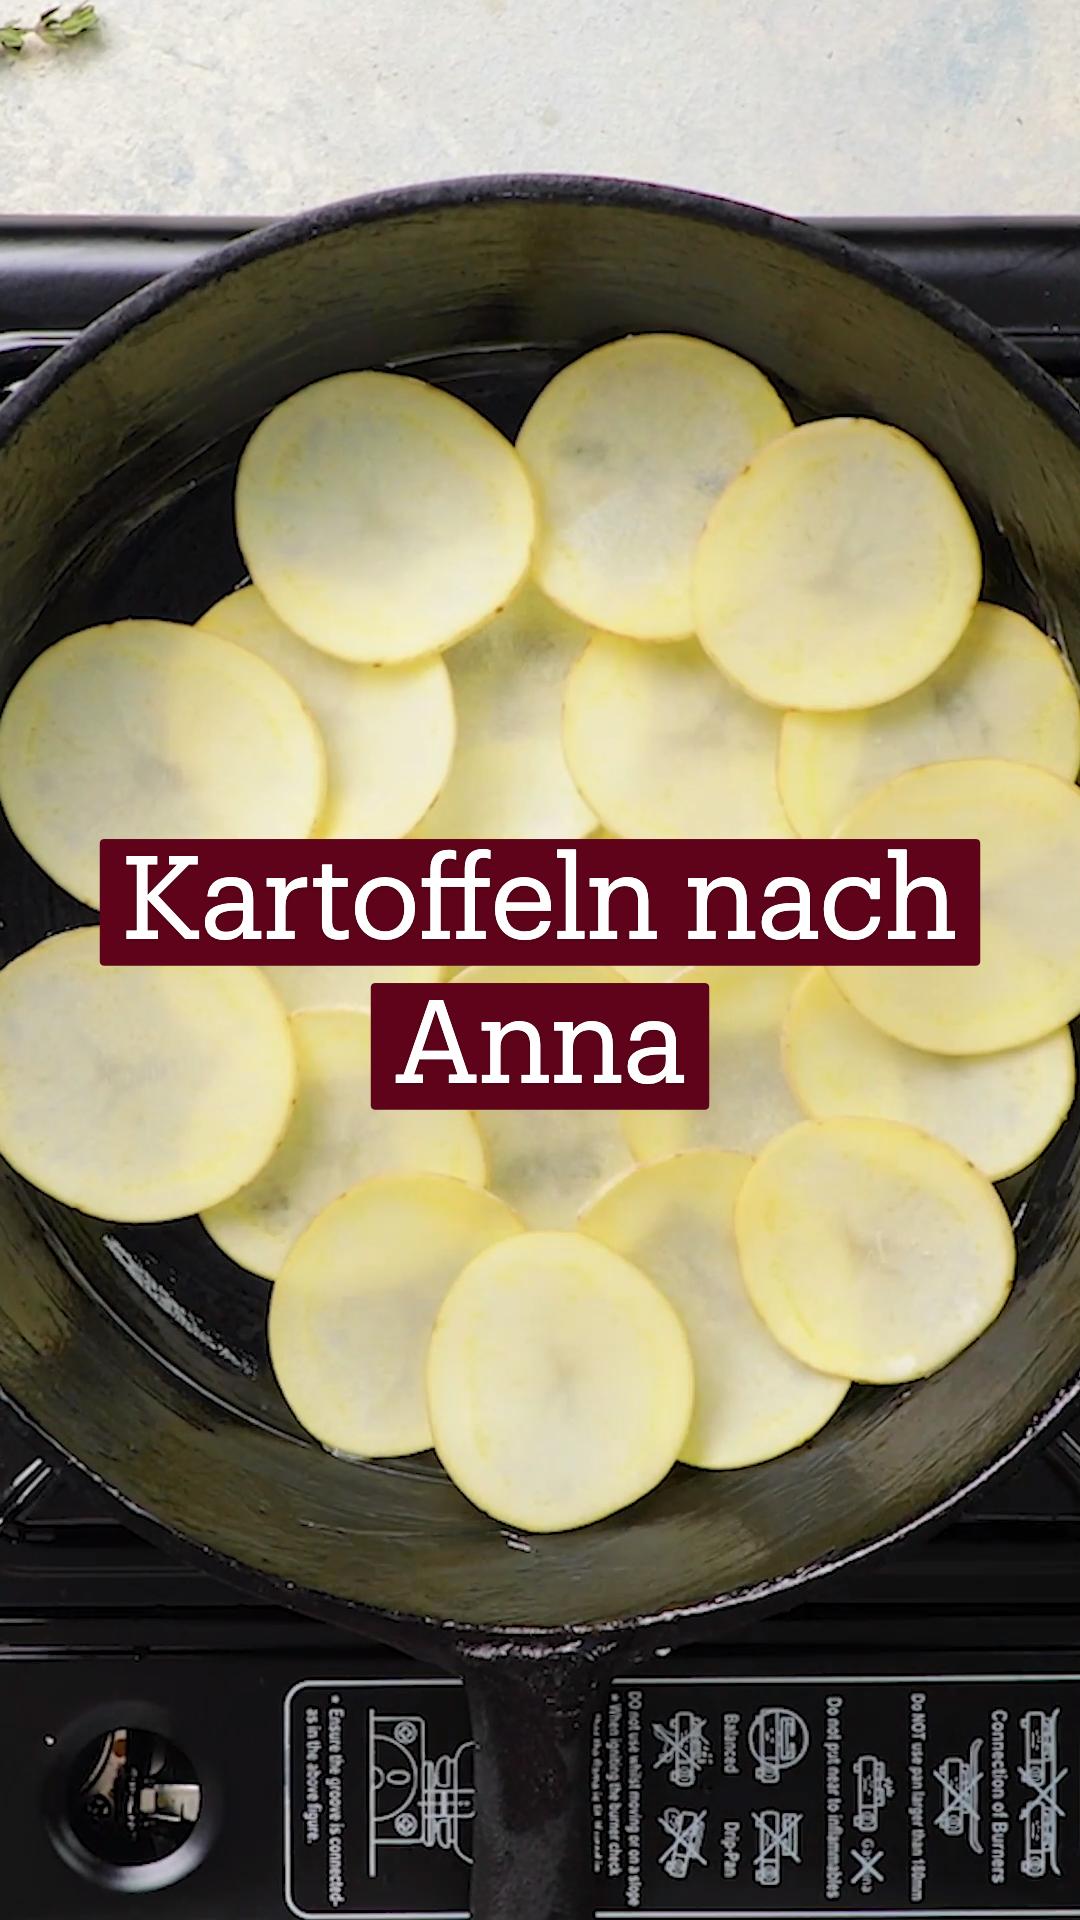 Kartoffeln nach Anna